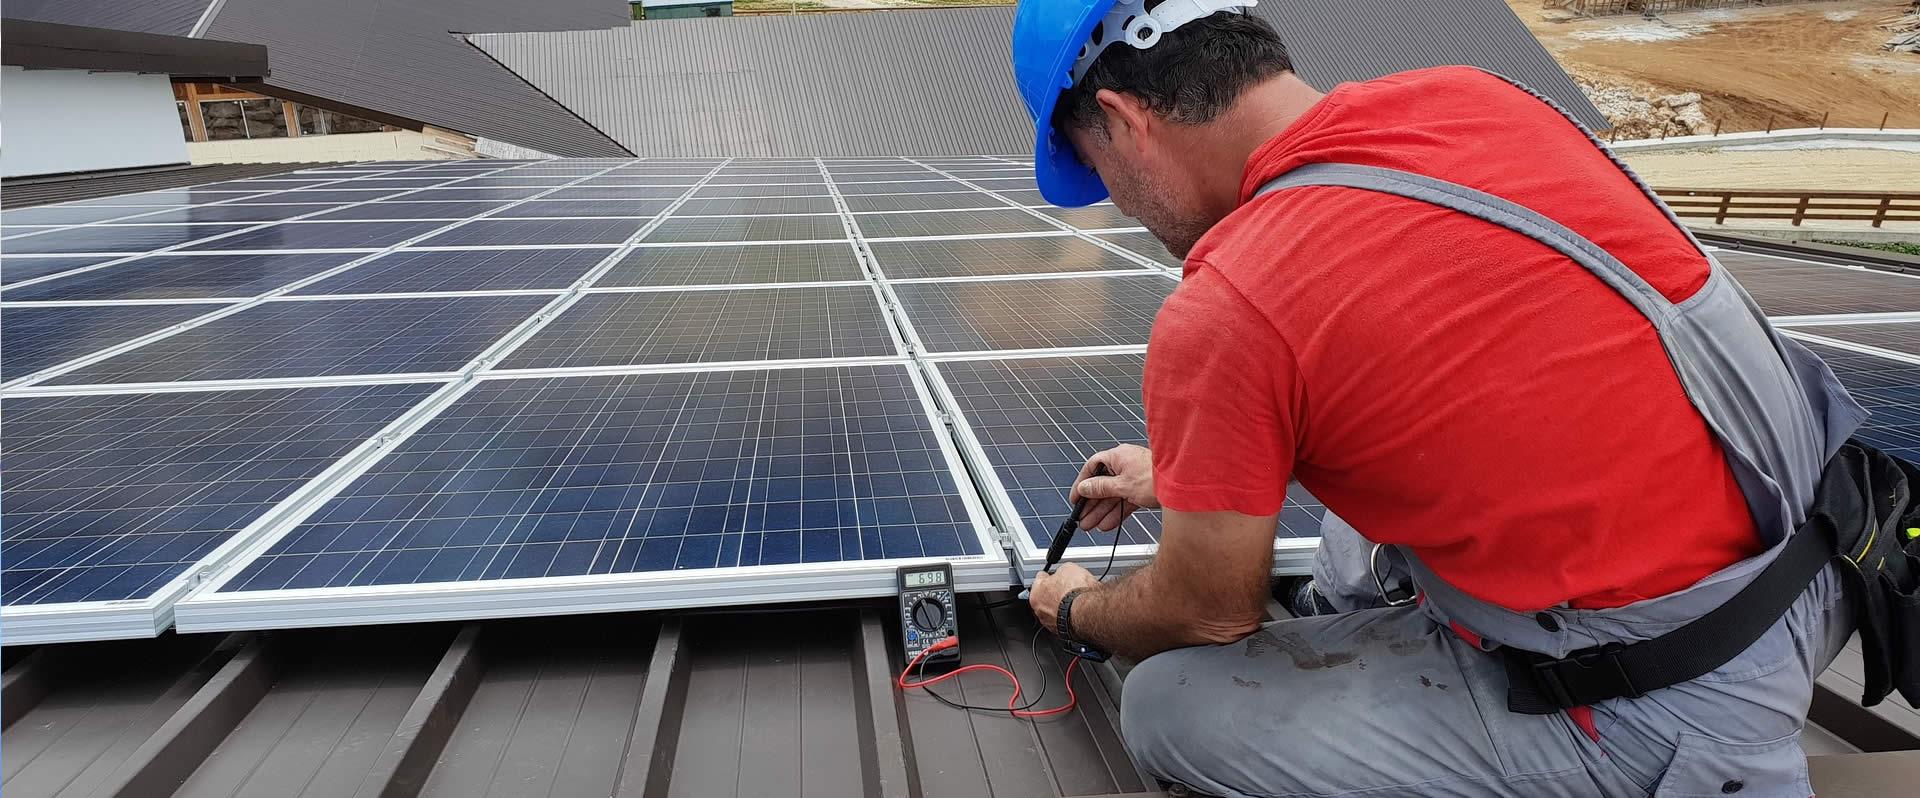 ARRIVELEC - Slider - 02 - Installateur panneau photovoltaique - Drôme - Ardèche